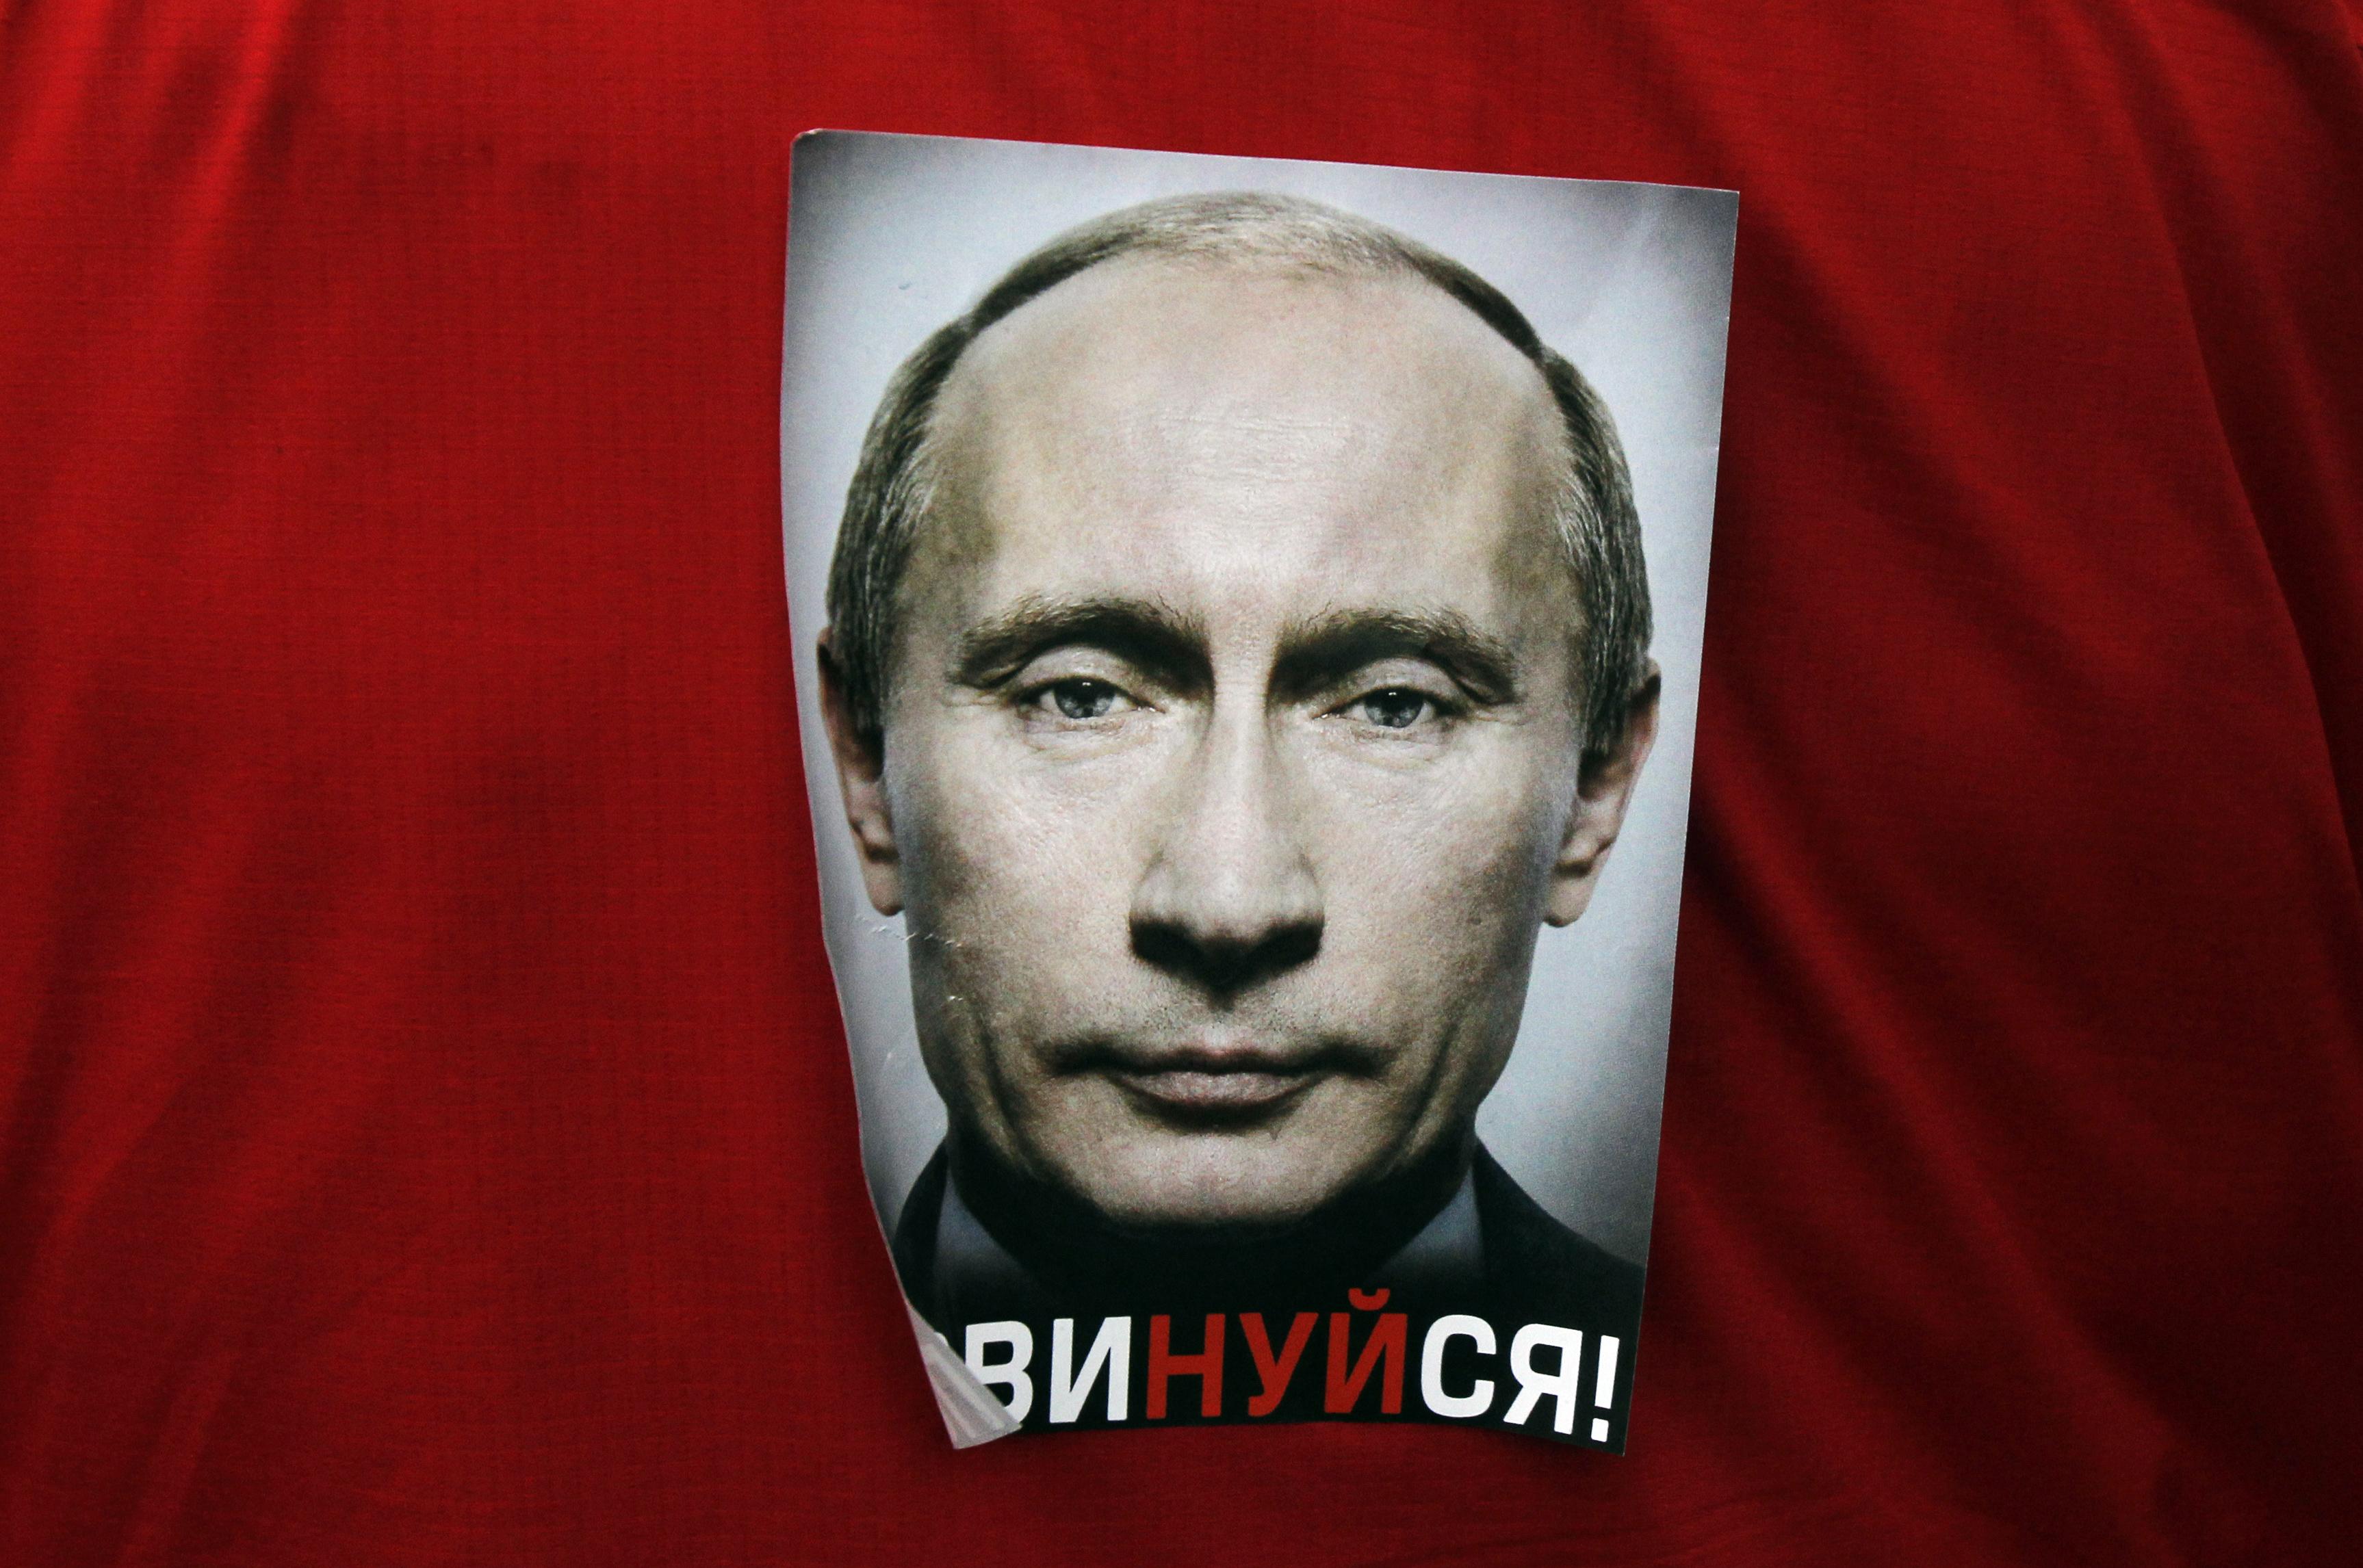 A poster of Putin